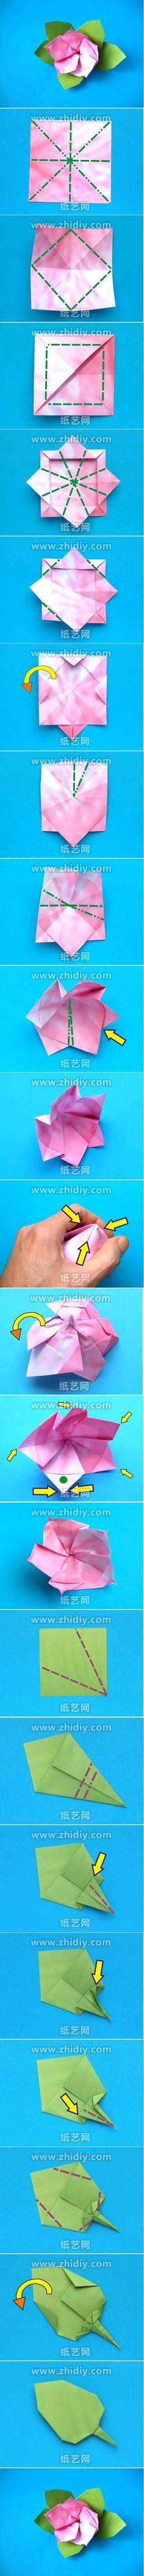 Origami Azalea Flower Folding Instructions / Origami Instruction